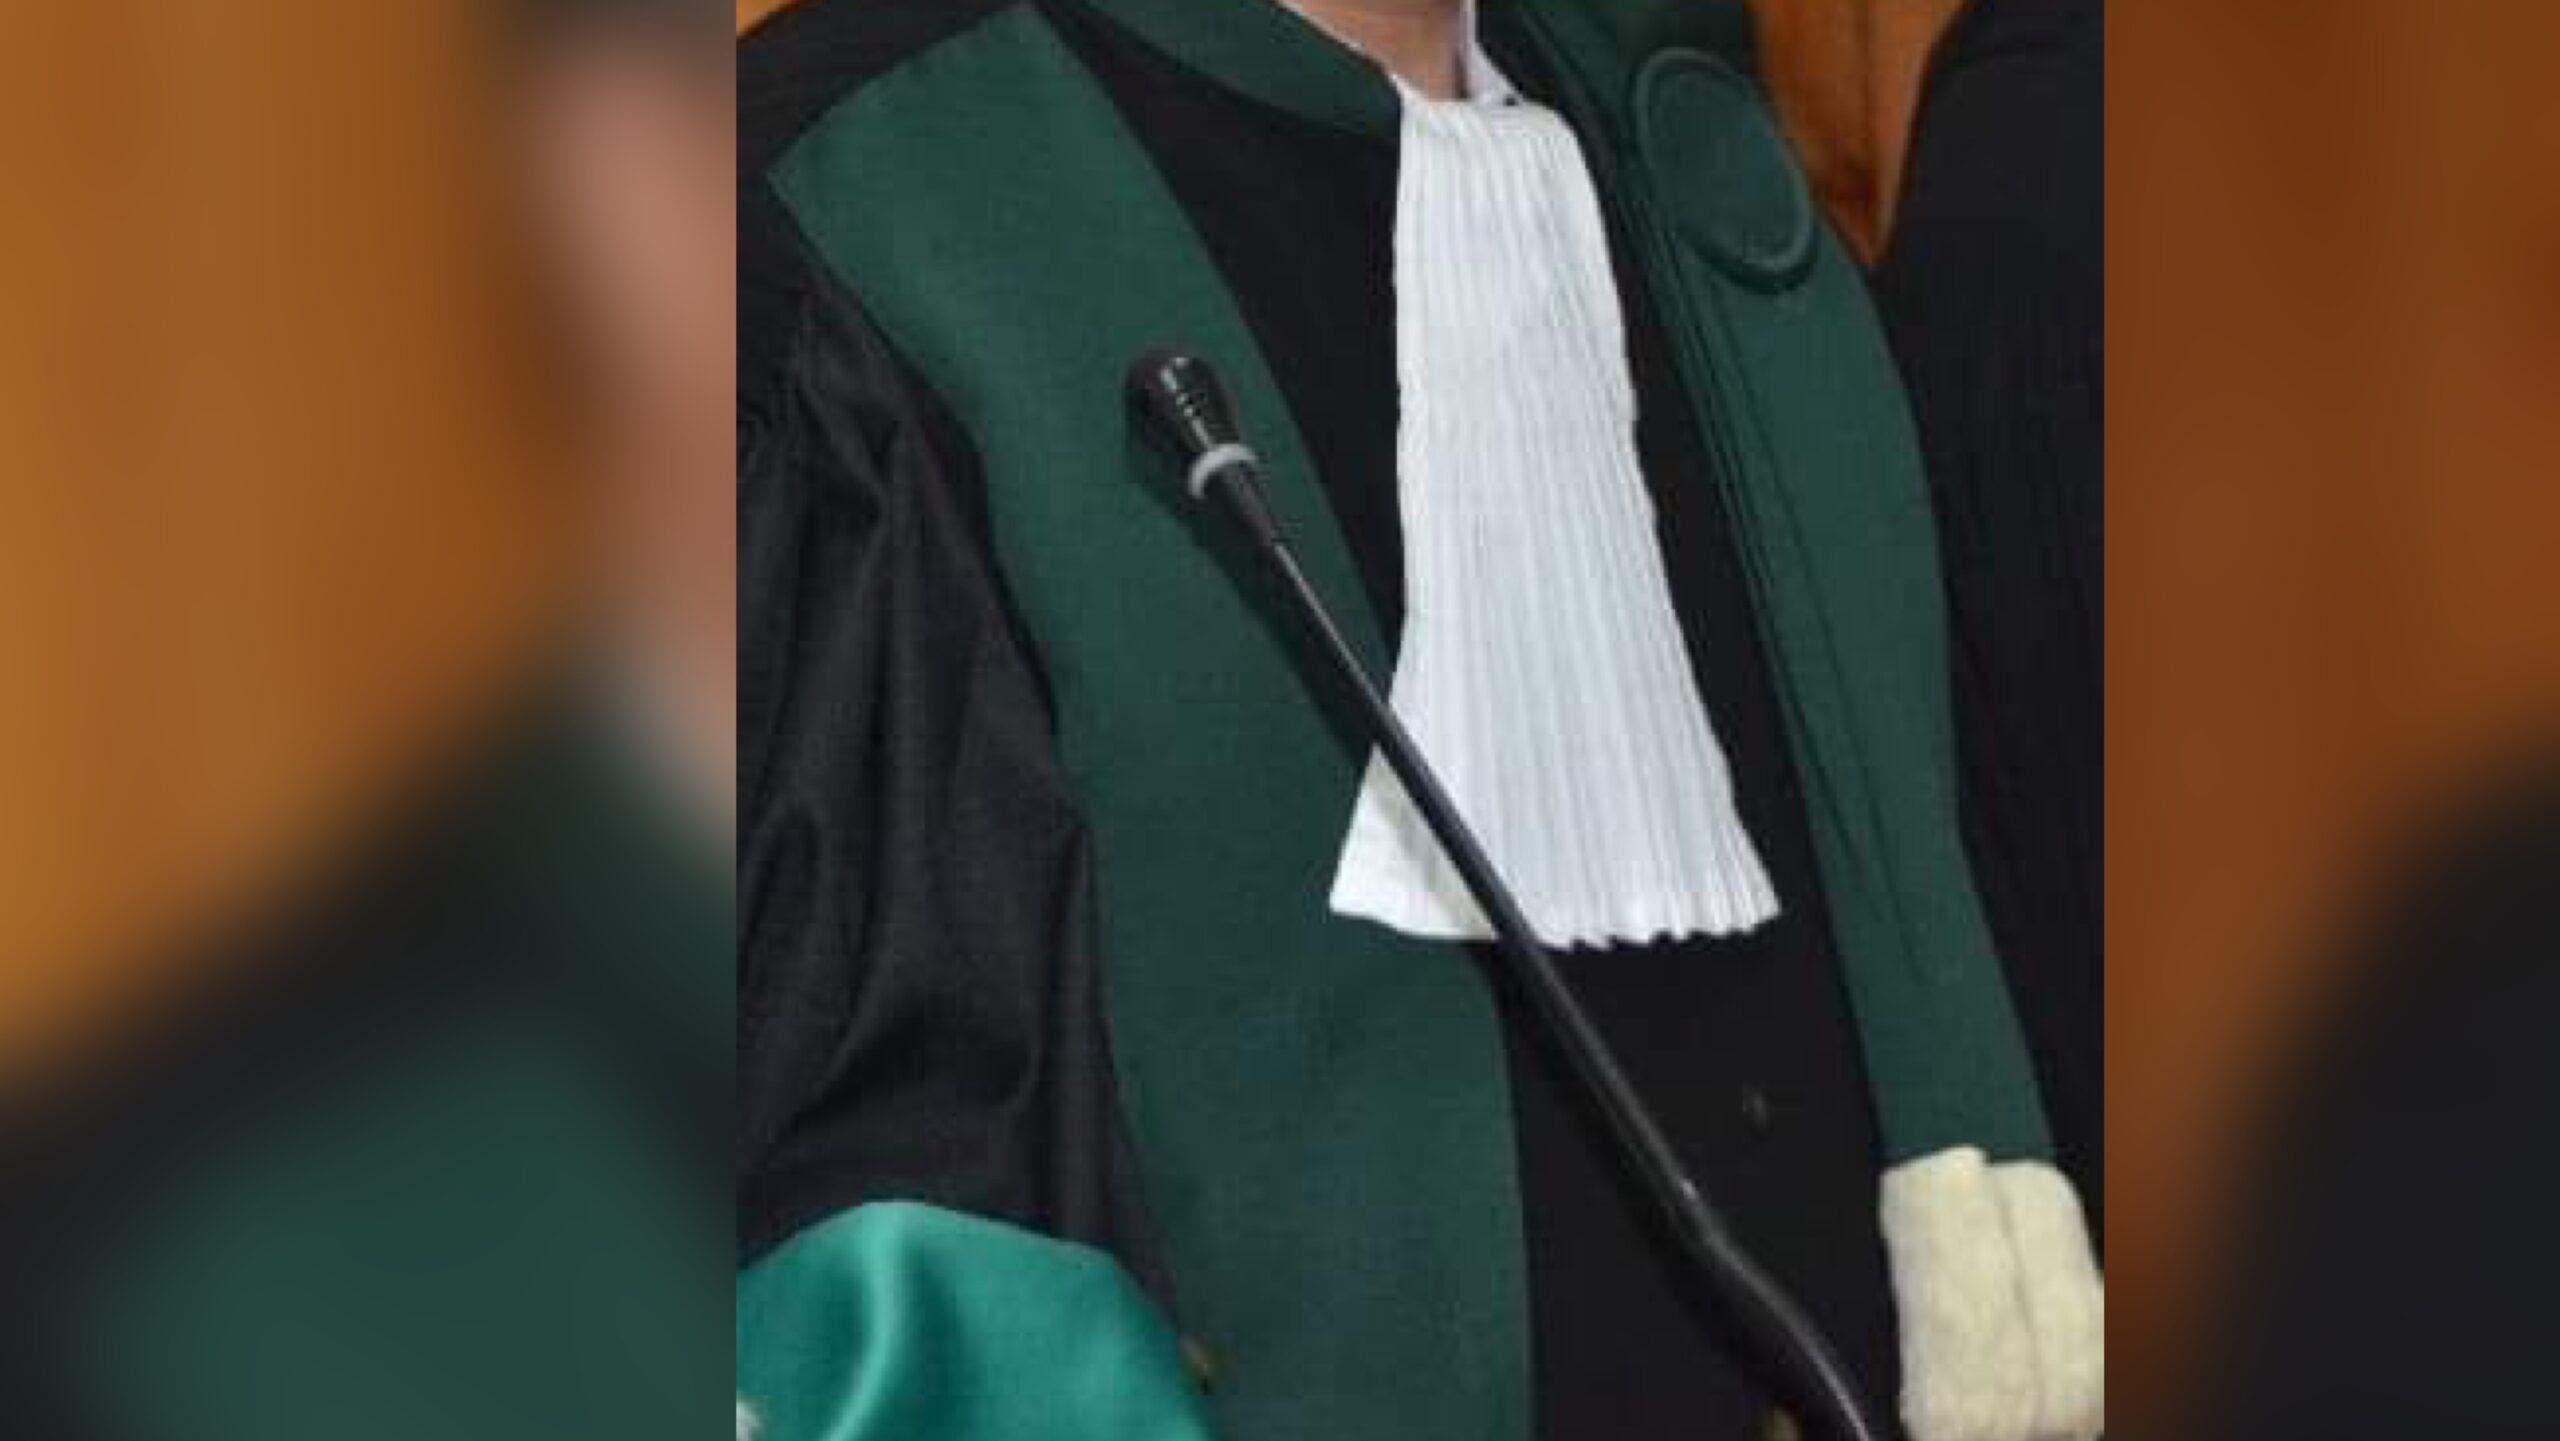 صورة ضبط نائب وكيل الملك بمكتبه رفقة محامية في وضعية لا أخلاقية .. وكيل الملك يوضح